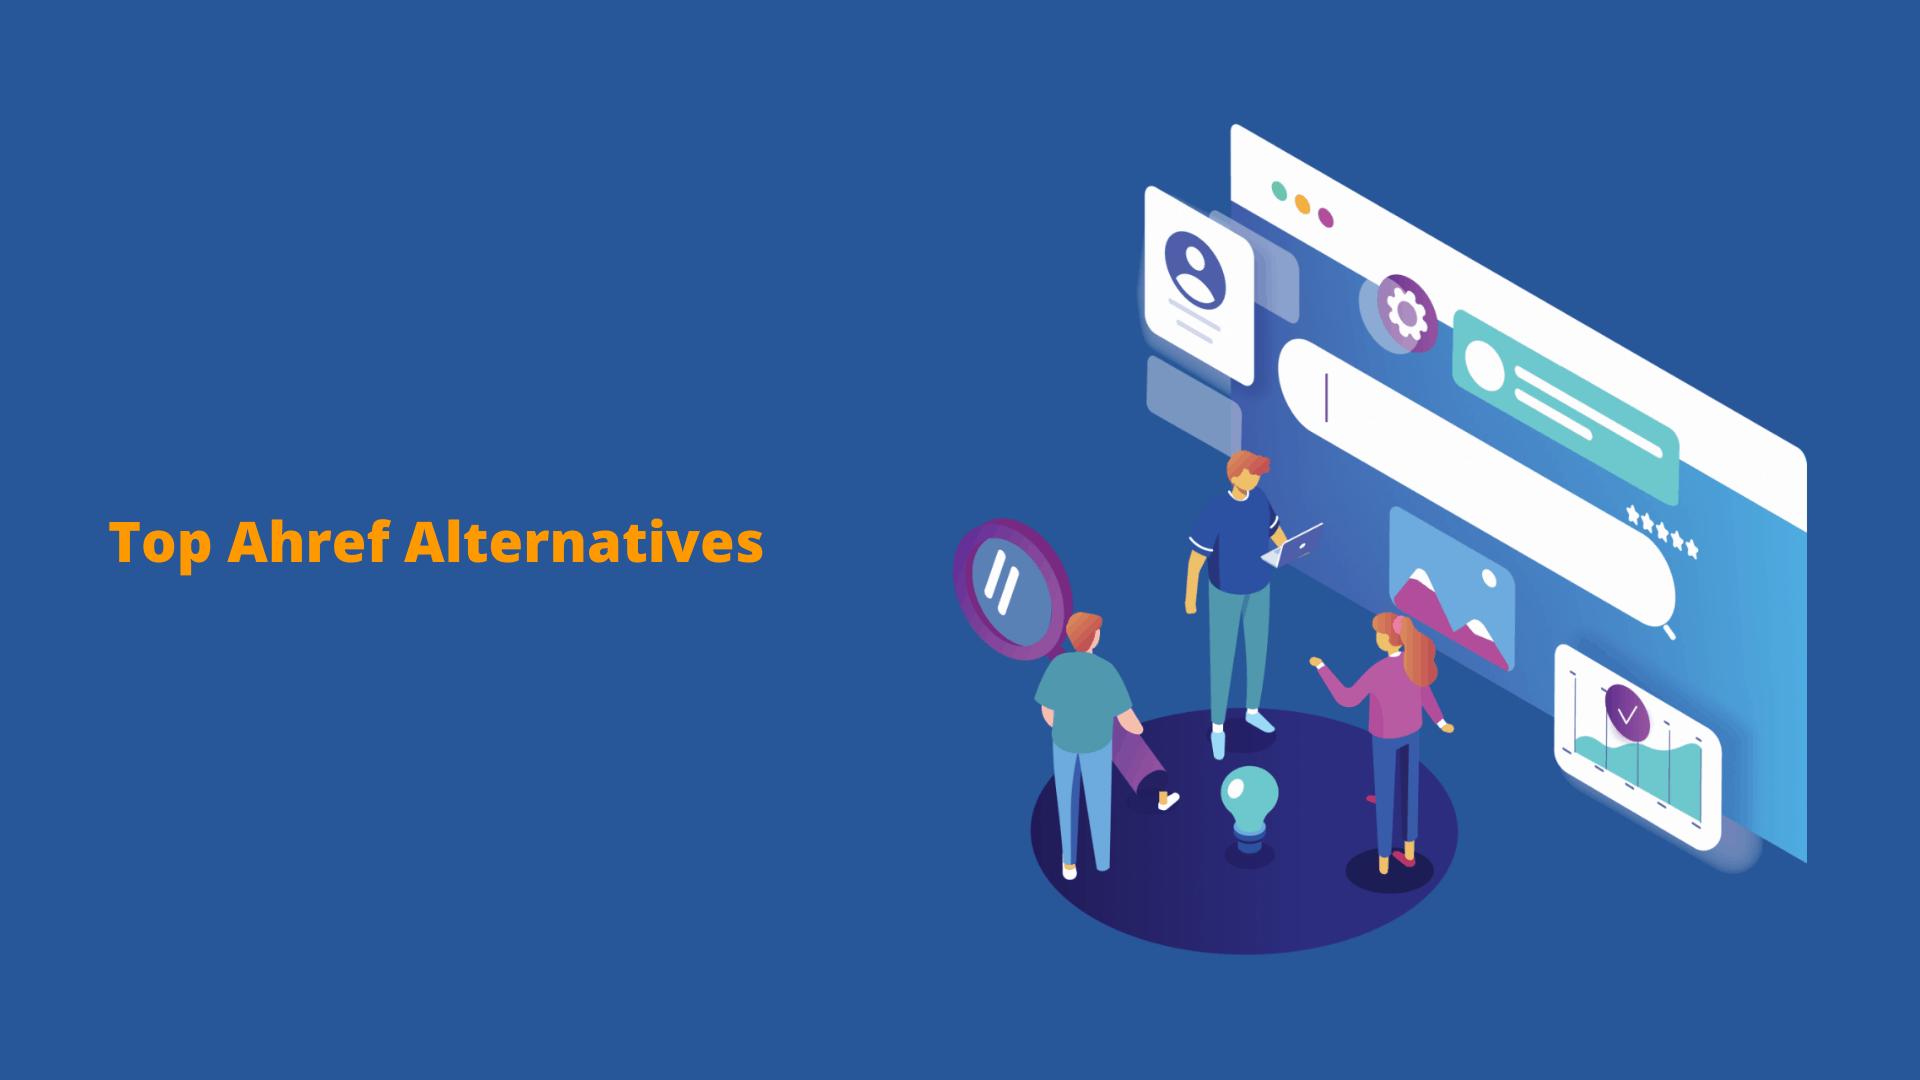 Top Ahref Alternatives